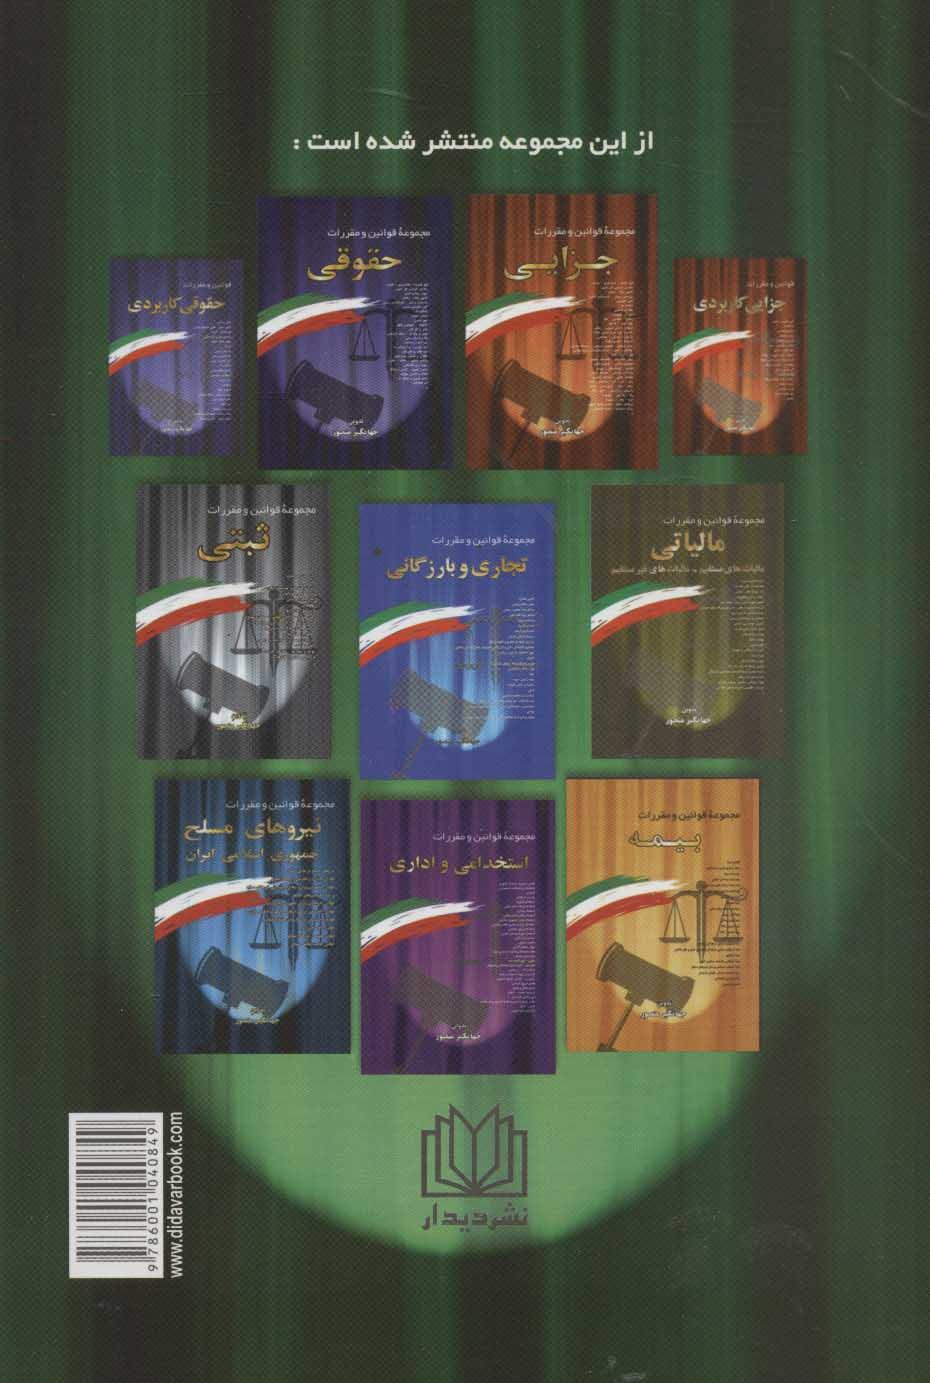 مجموعه قوانین و مقررات مربوط به استان،شهر،شهرستان،روستا و شهرداری 1400